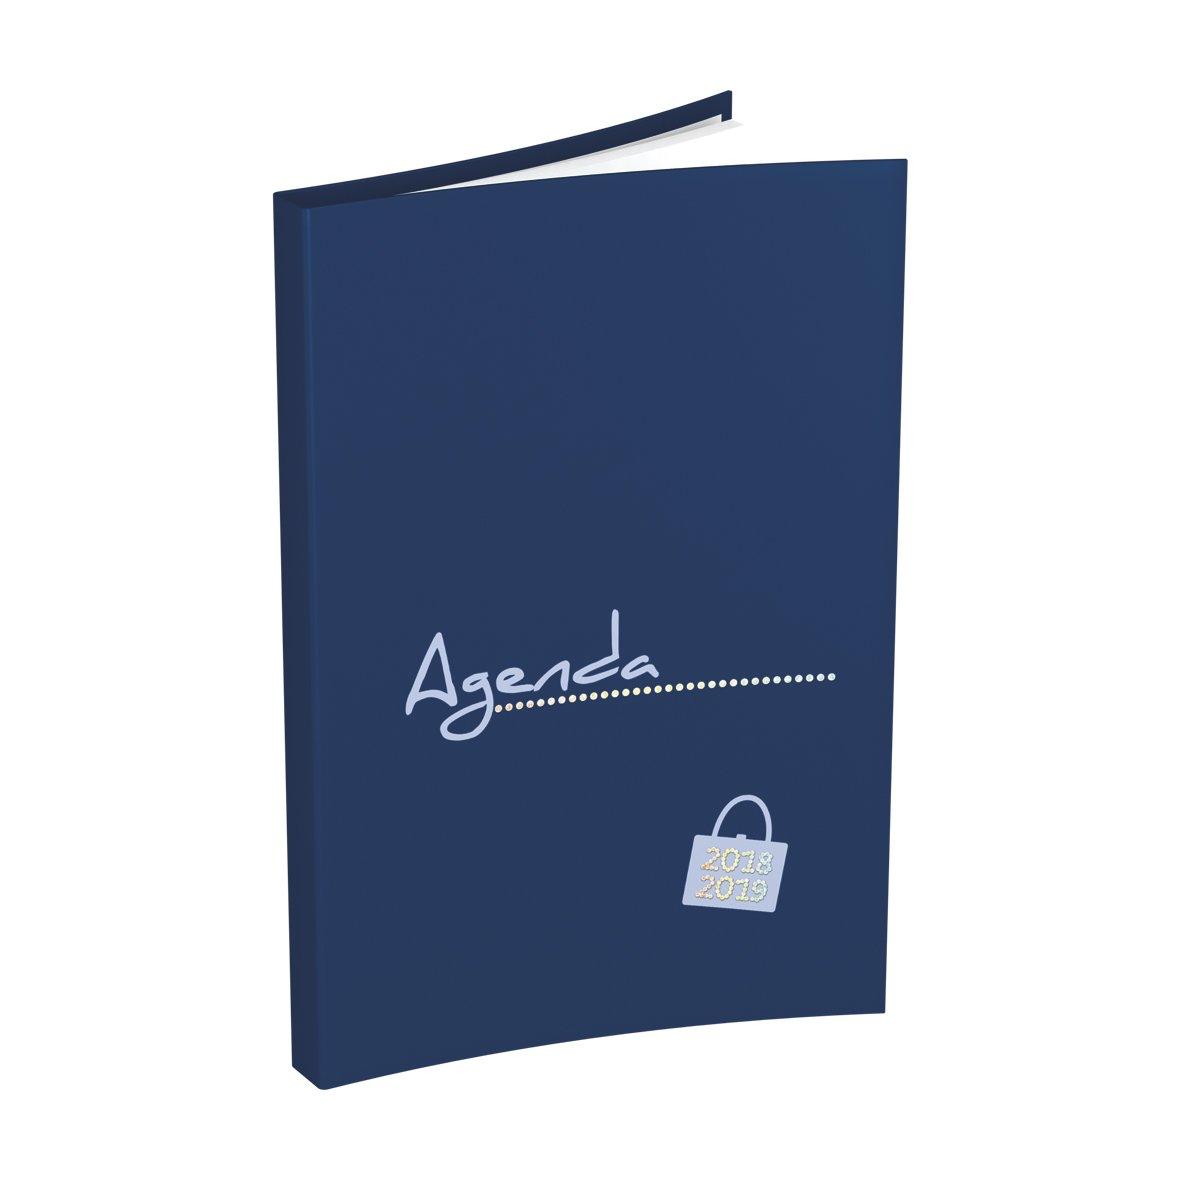 Agenda 2018-19 Lecas Millenium 10x15, 1 Semaine / 2 páginas - Francais, surtido: varios colores 100735202